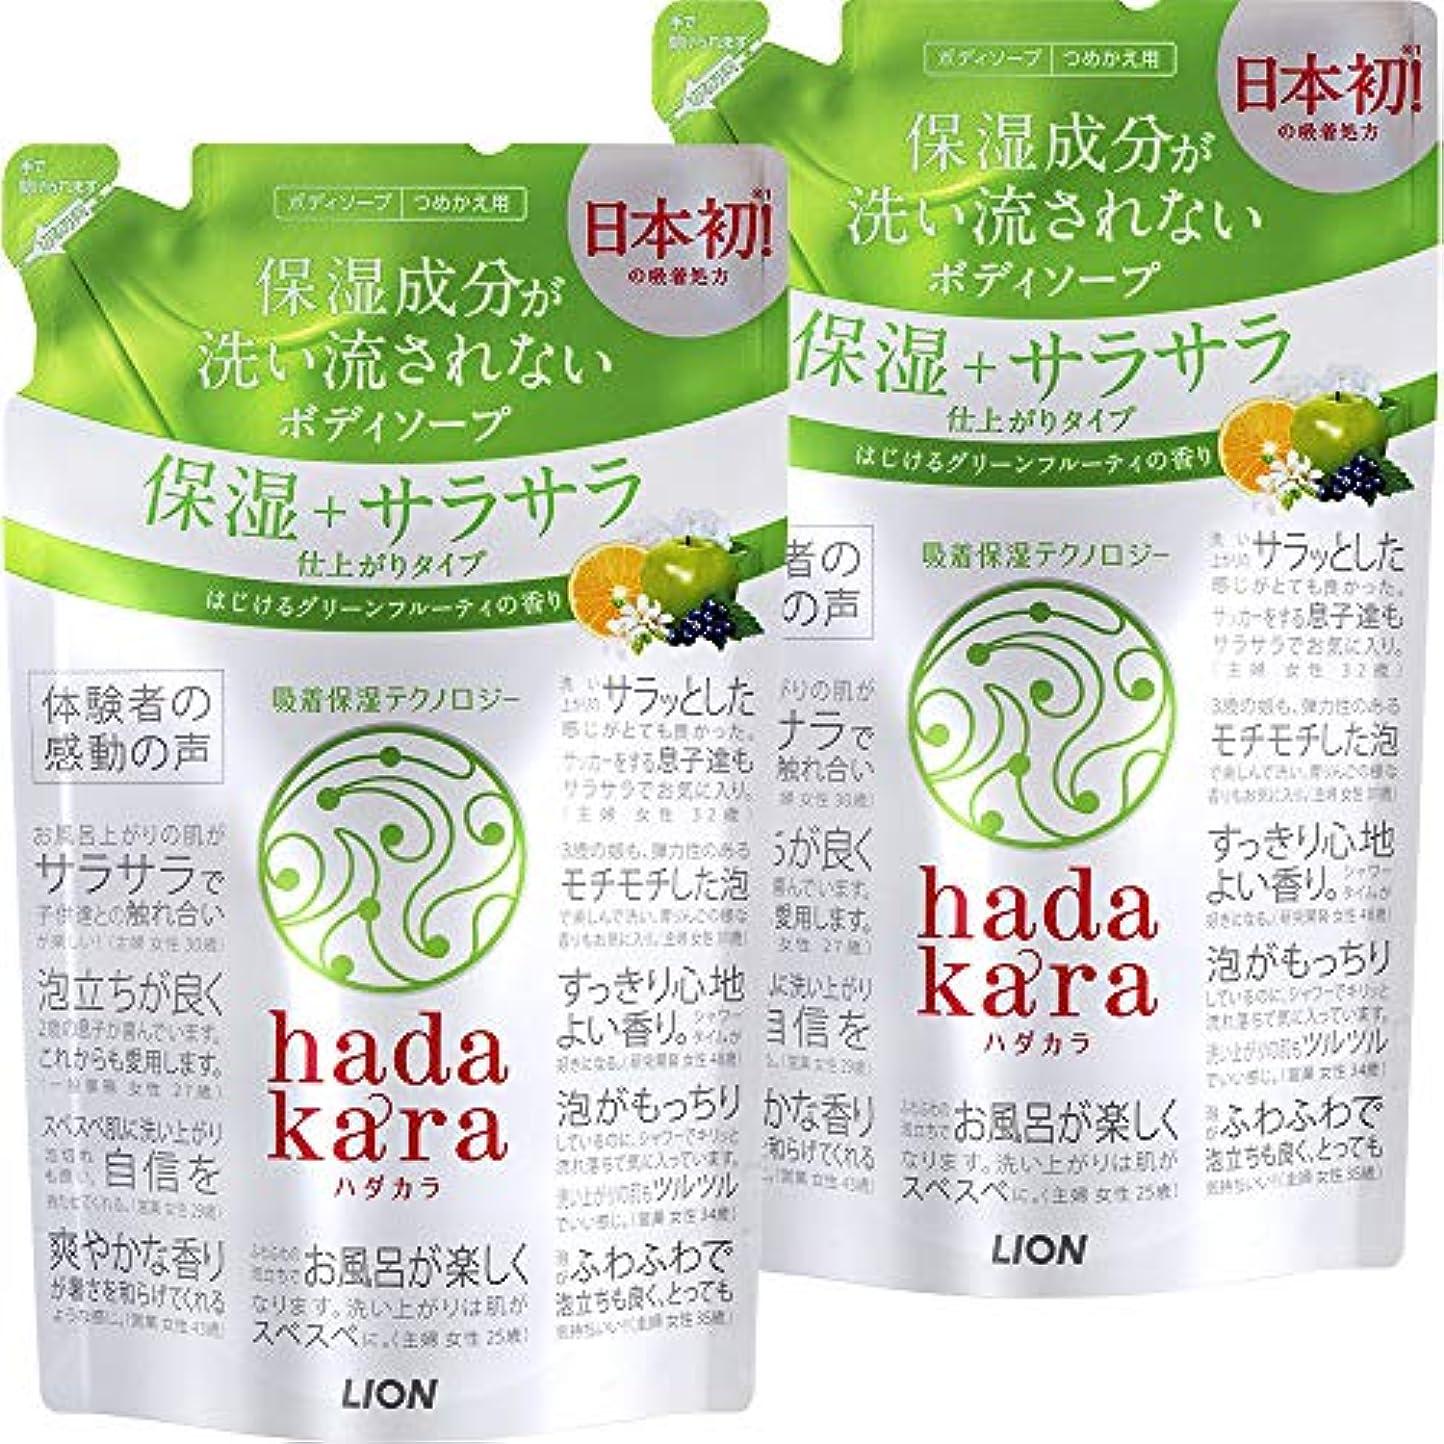 耐久ローブビット【まとめ買い】hadakara(ハダカラ) ボディソープ 保湿+サラサラ仕上がりタイプ グリーンフルーティの香り 詰め替え 340ml×2個パック